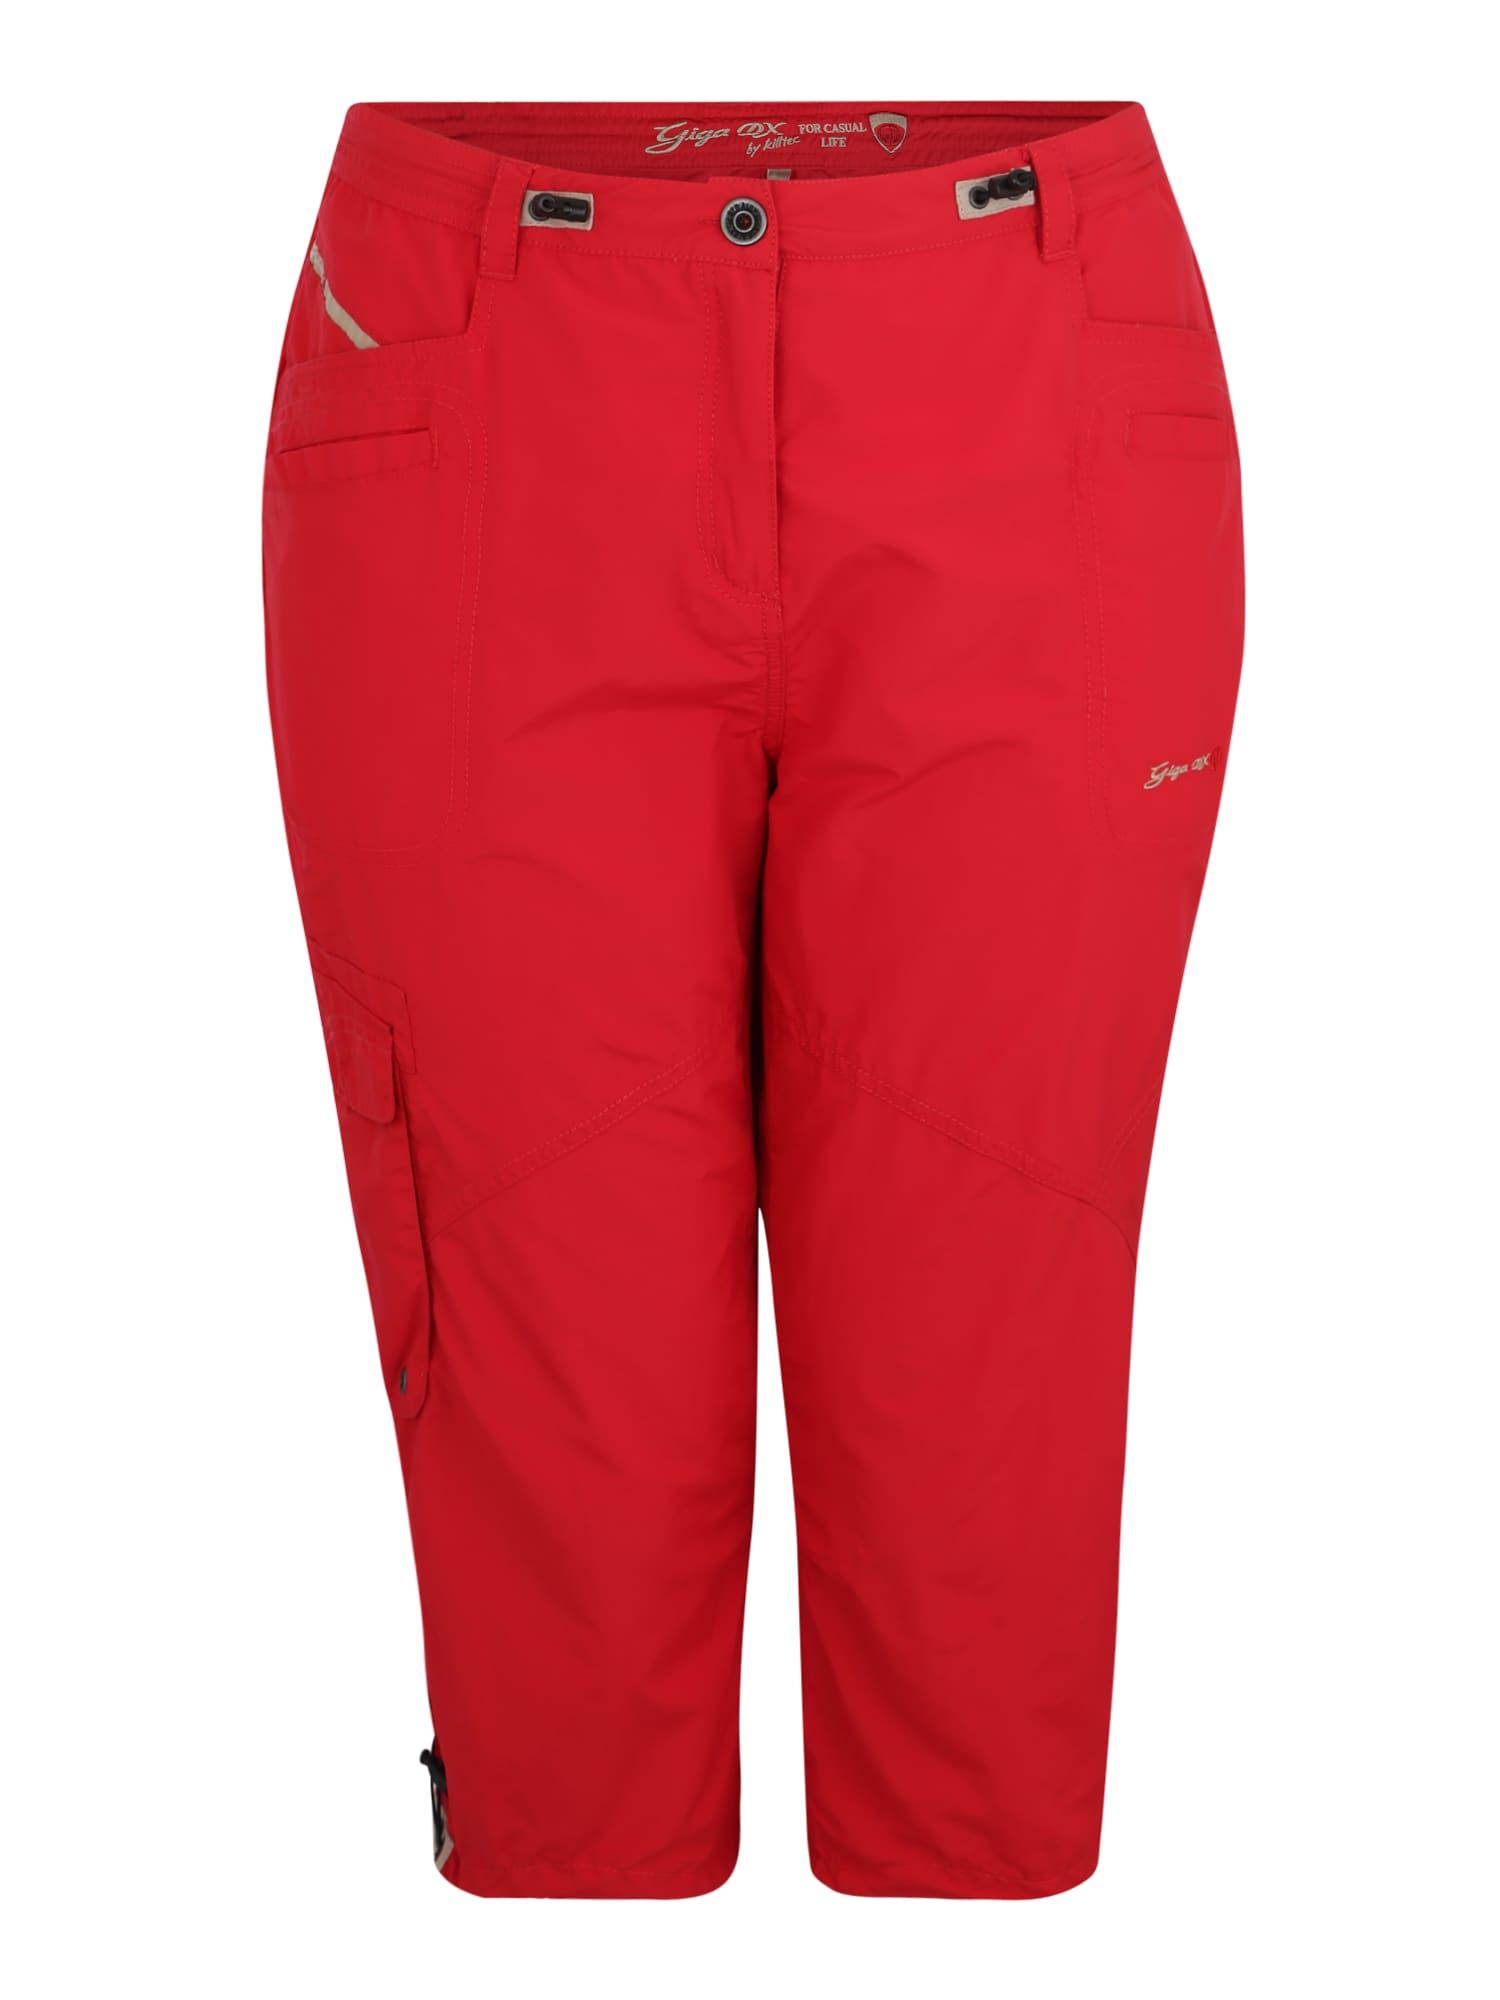 Kalhoty Fenia červená G.I.G.A. DX